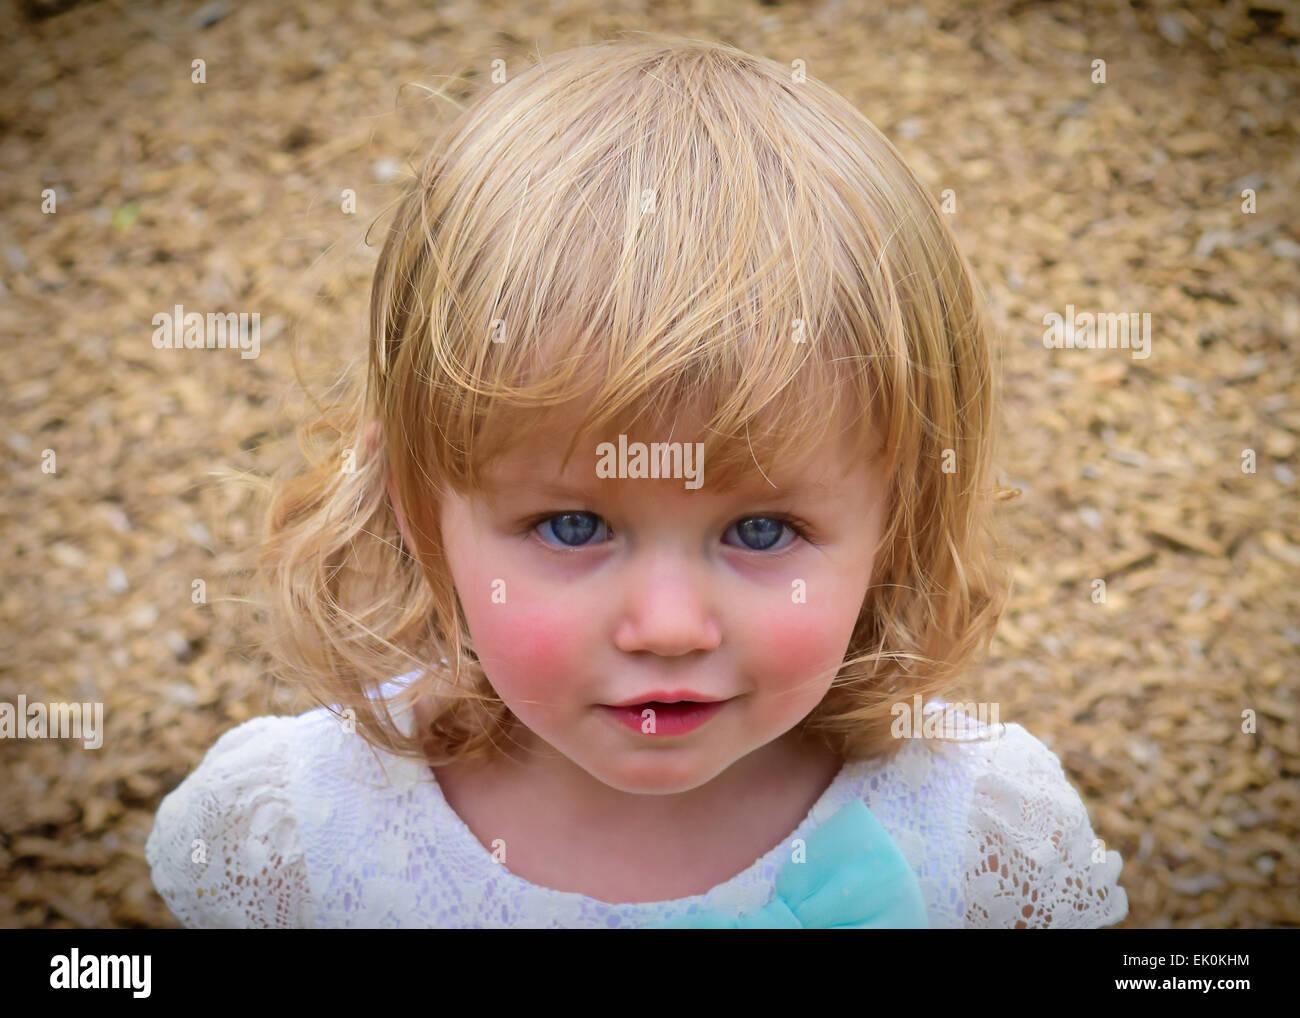 Porträt eines kleinen, Blond, Mädchen auf einem Spielplatz Stockbild